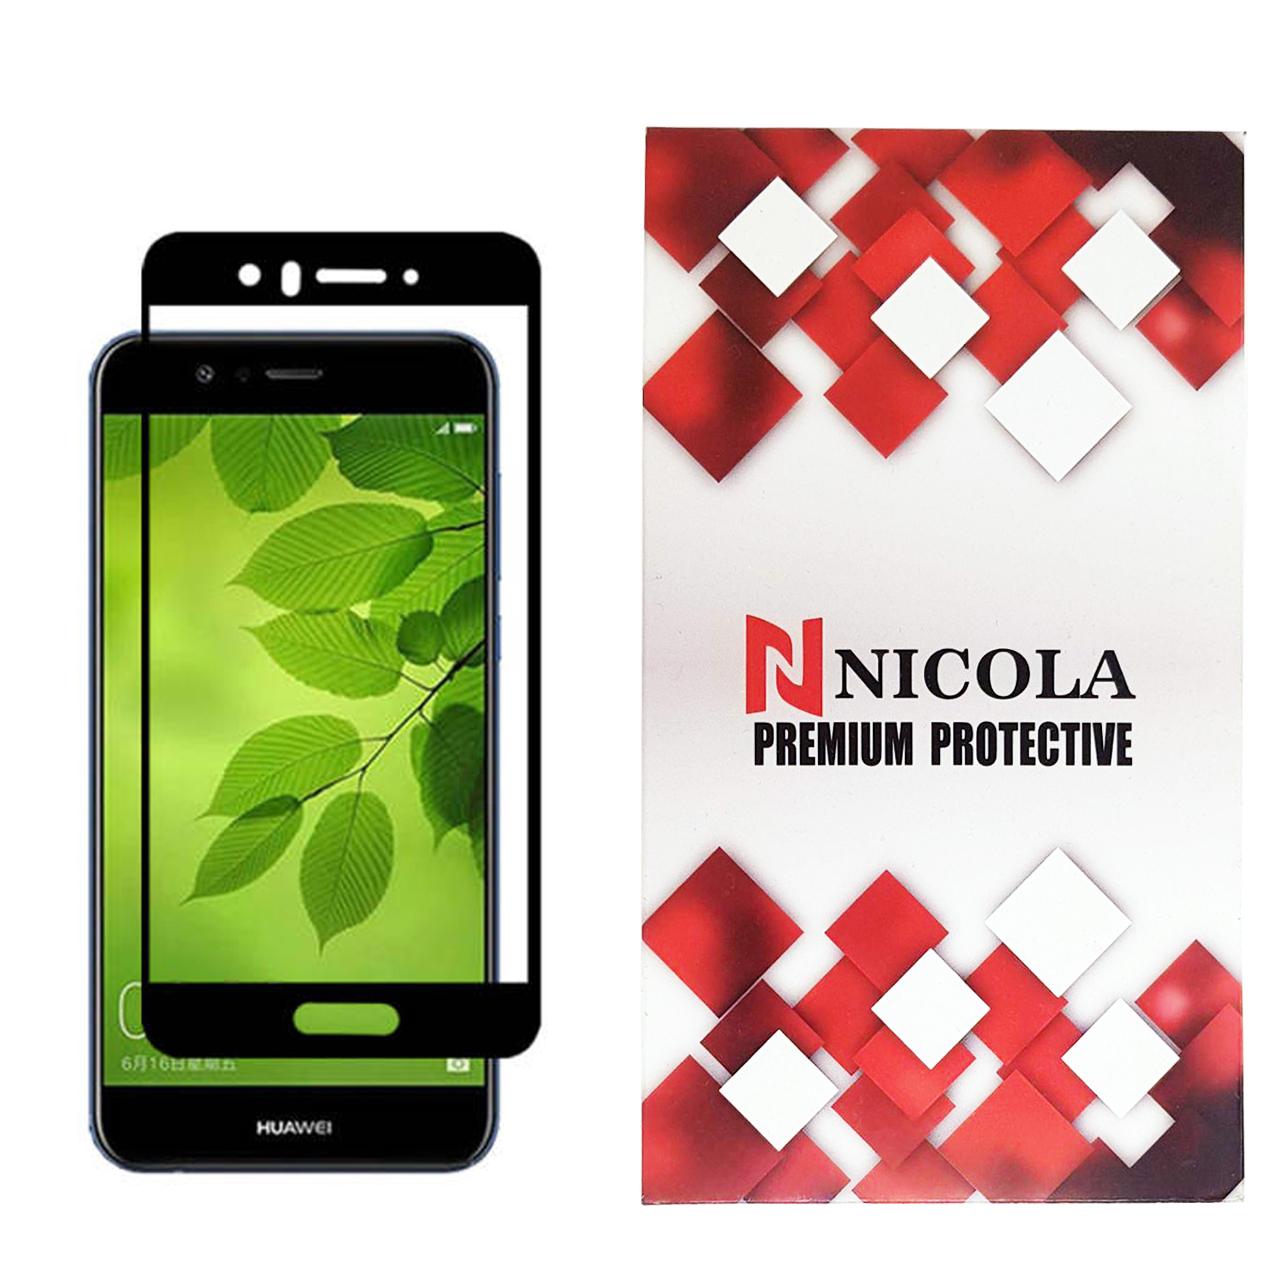 محافظ صفحه نمایش نیکلا مدل N_9 مناسب برای گوشی موبایل هوآوی Nova 2 Plus